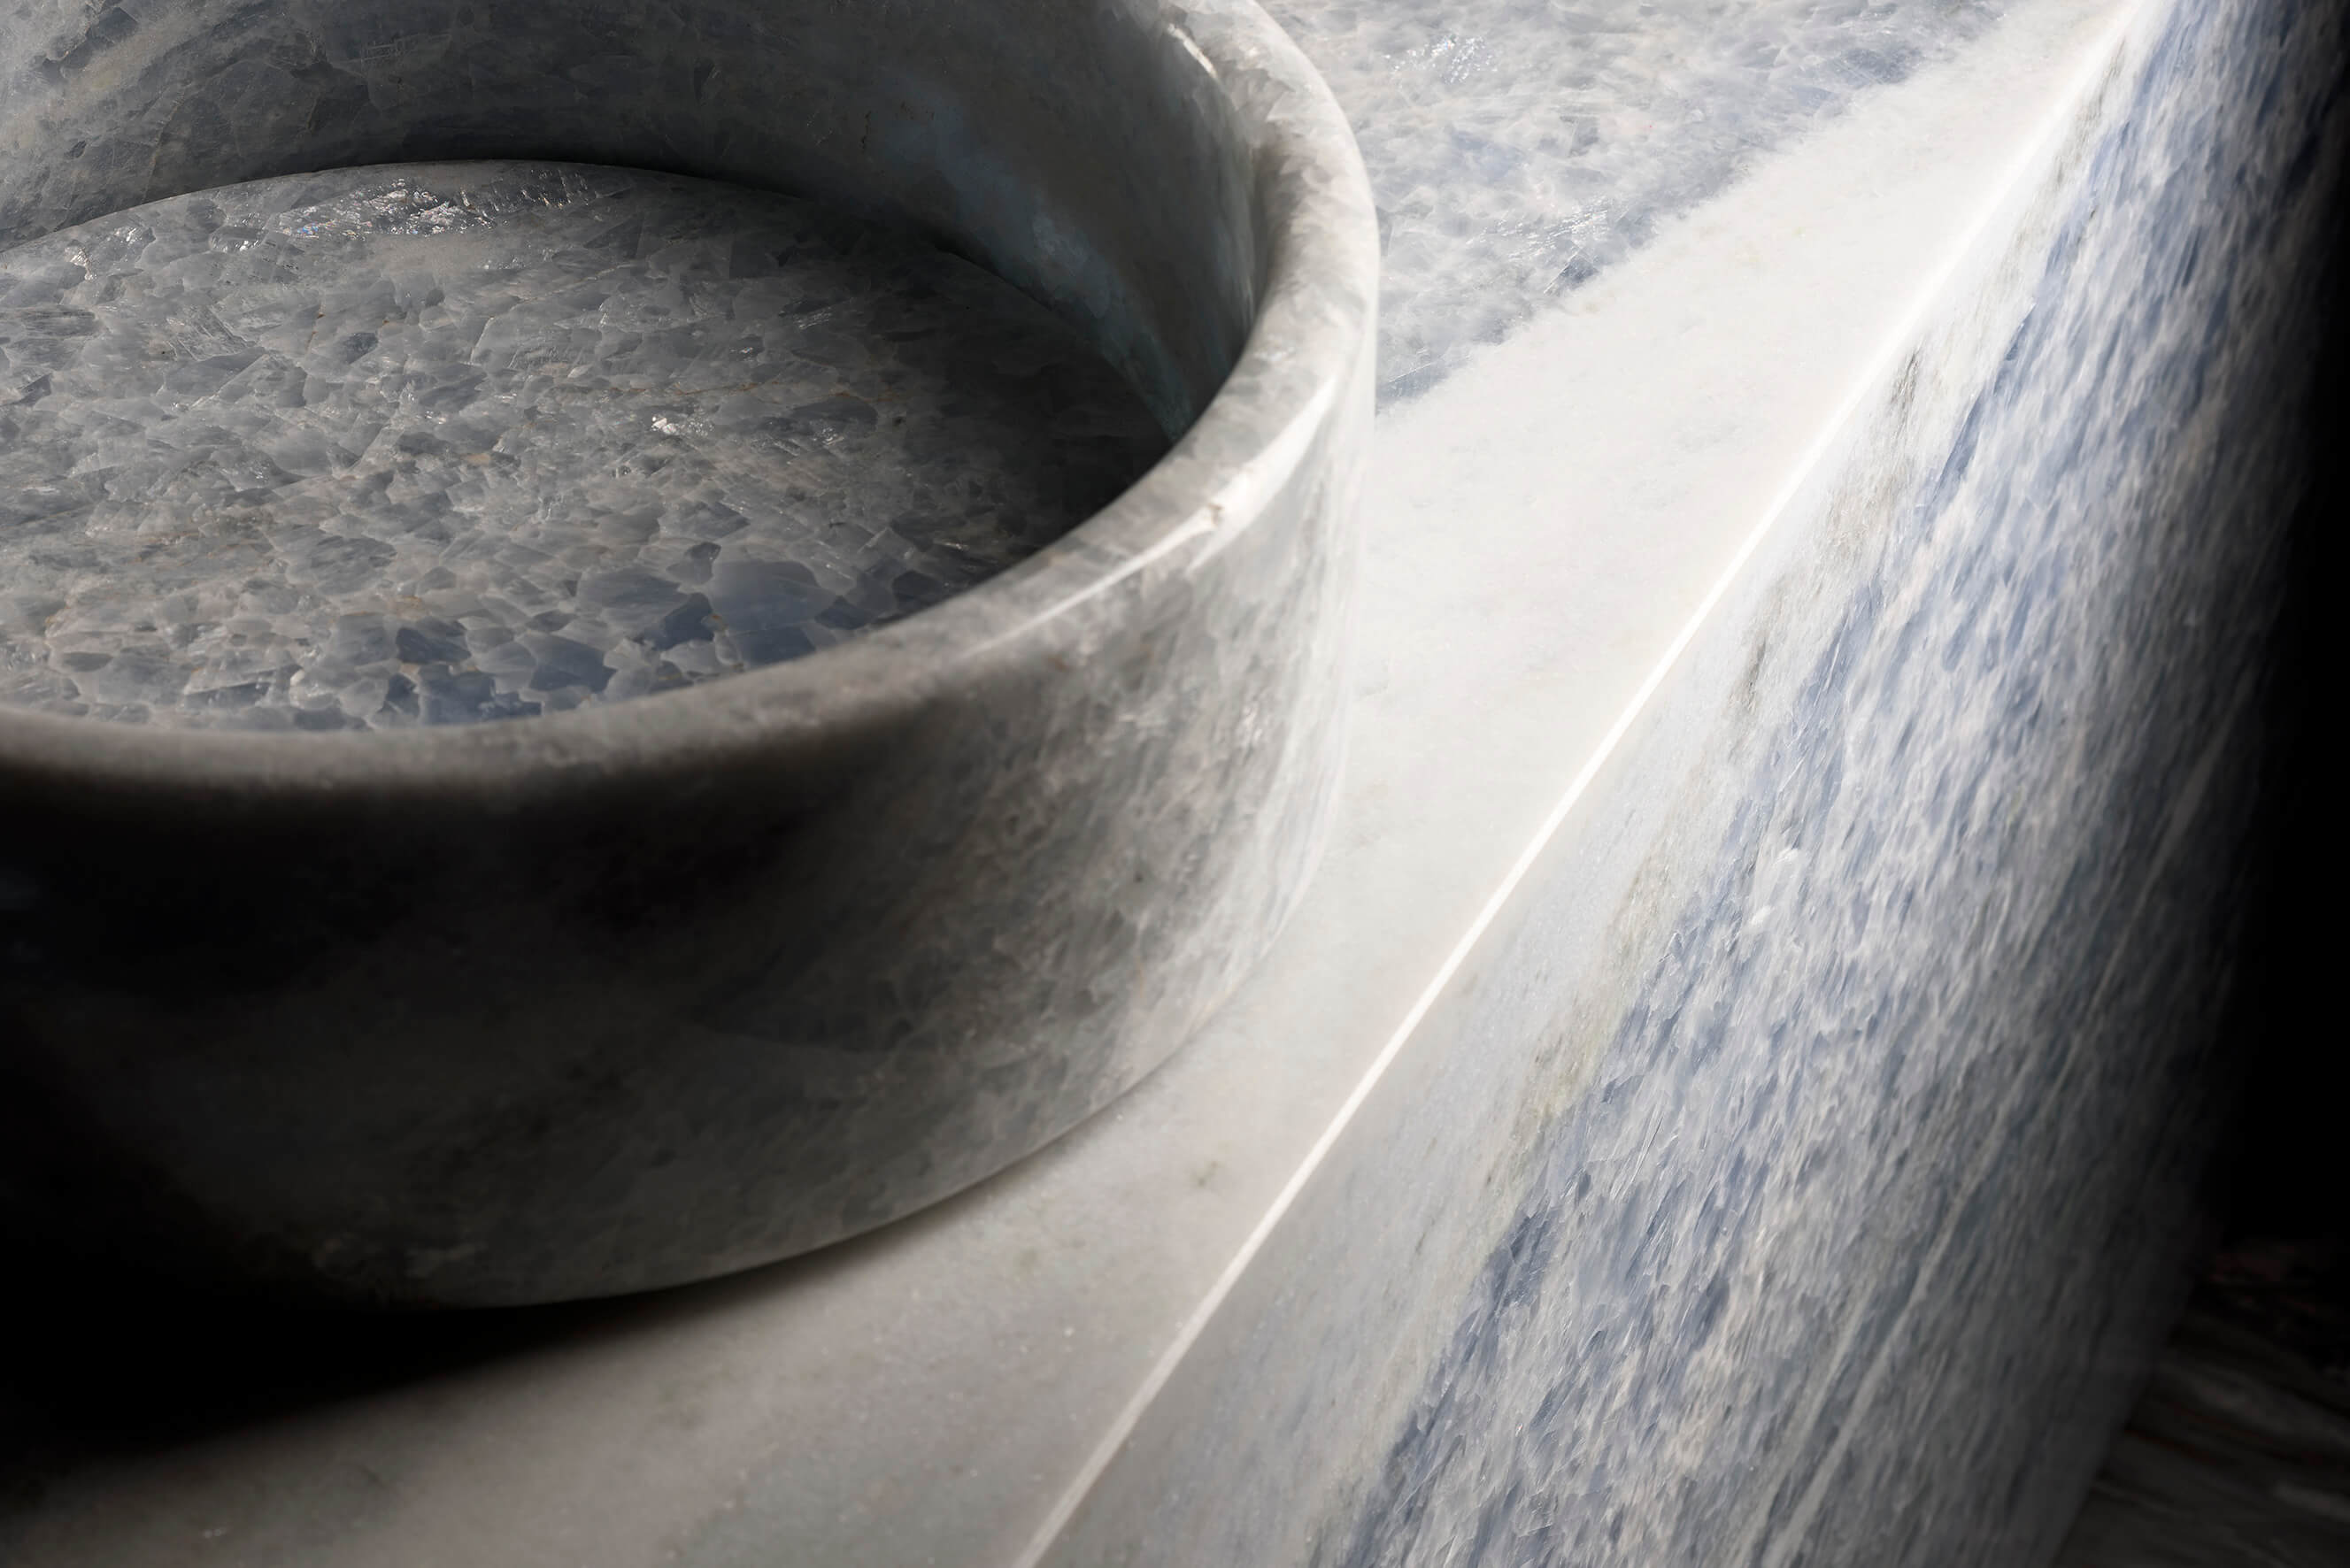 Blautöne für ein ausgeglichenes Training: Antolini Naturstein für Ihren Fitnessraum